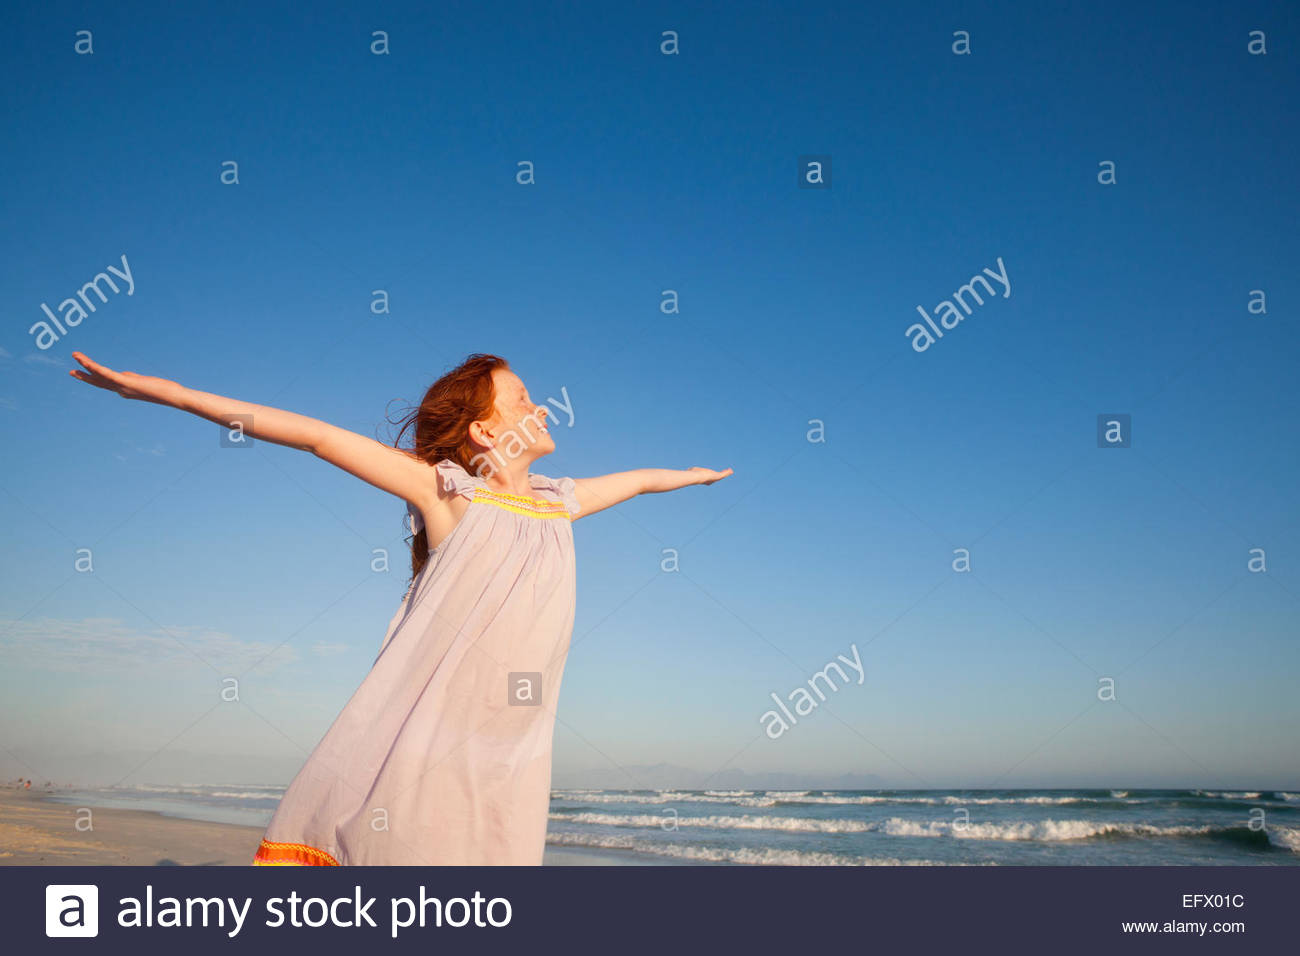 Feliz, la niña, con los brazos levantados hacia el cielo, en sunny beach Imagen De Stock